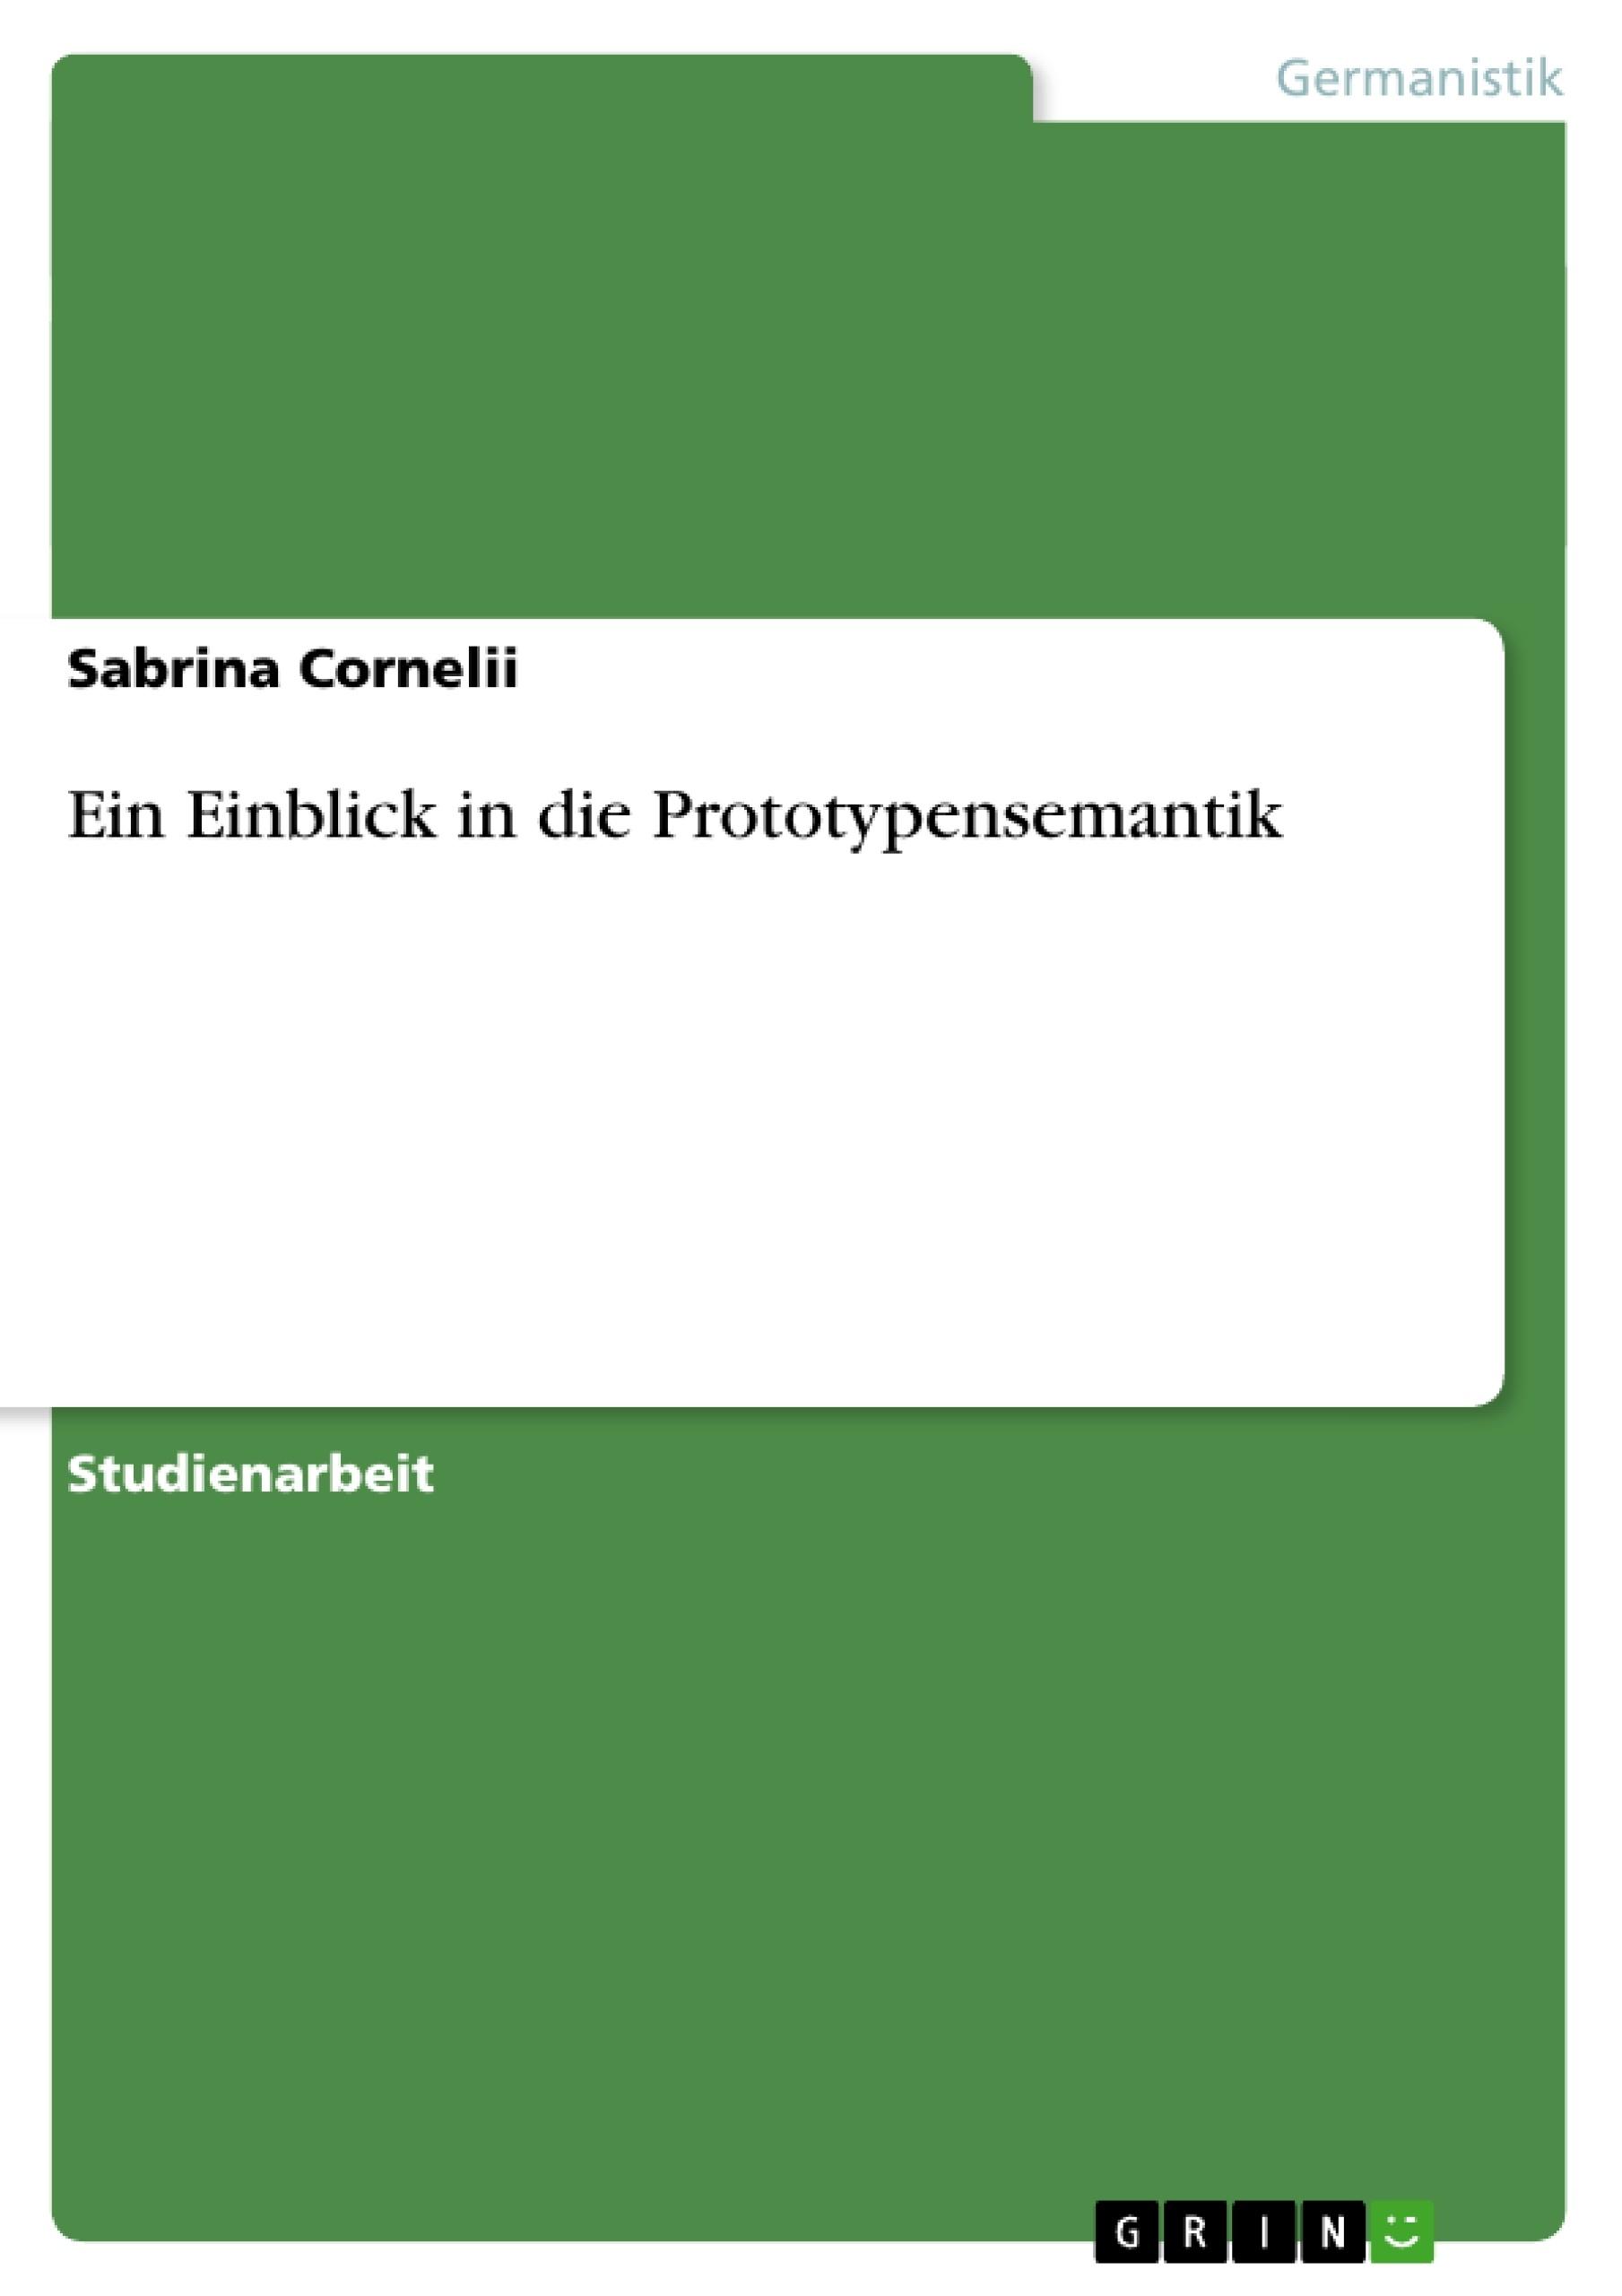 Titel: Ein Einblick in die Prototypensemantik